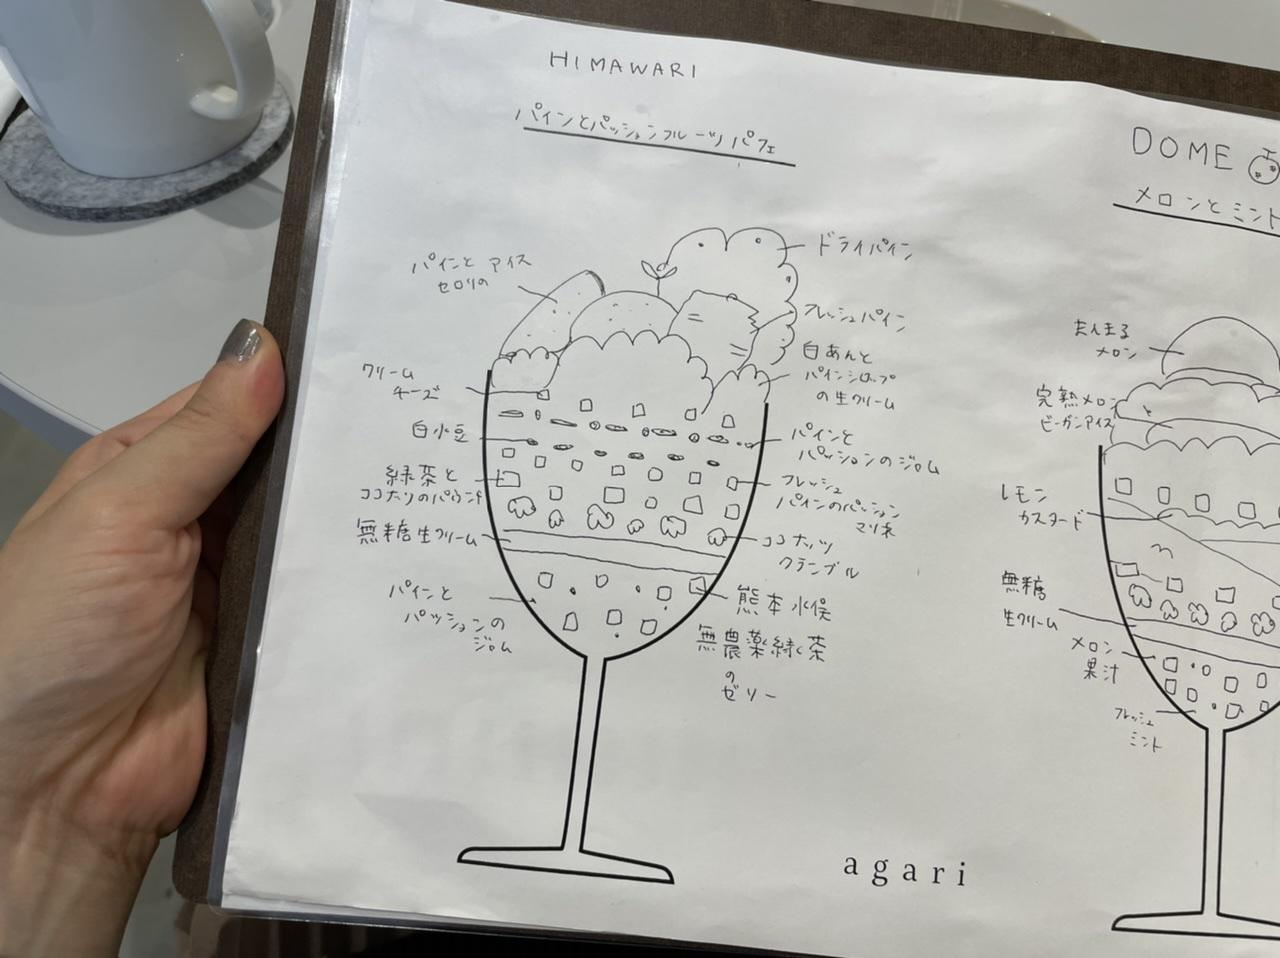 【パフェ】《parfait bar agari》の「Himawariパフェ」で夏気分全開!_5